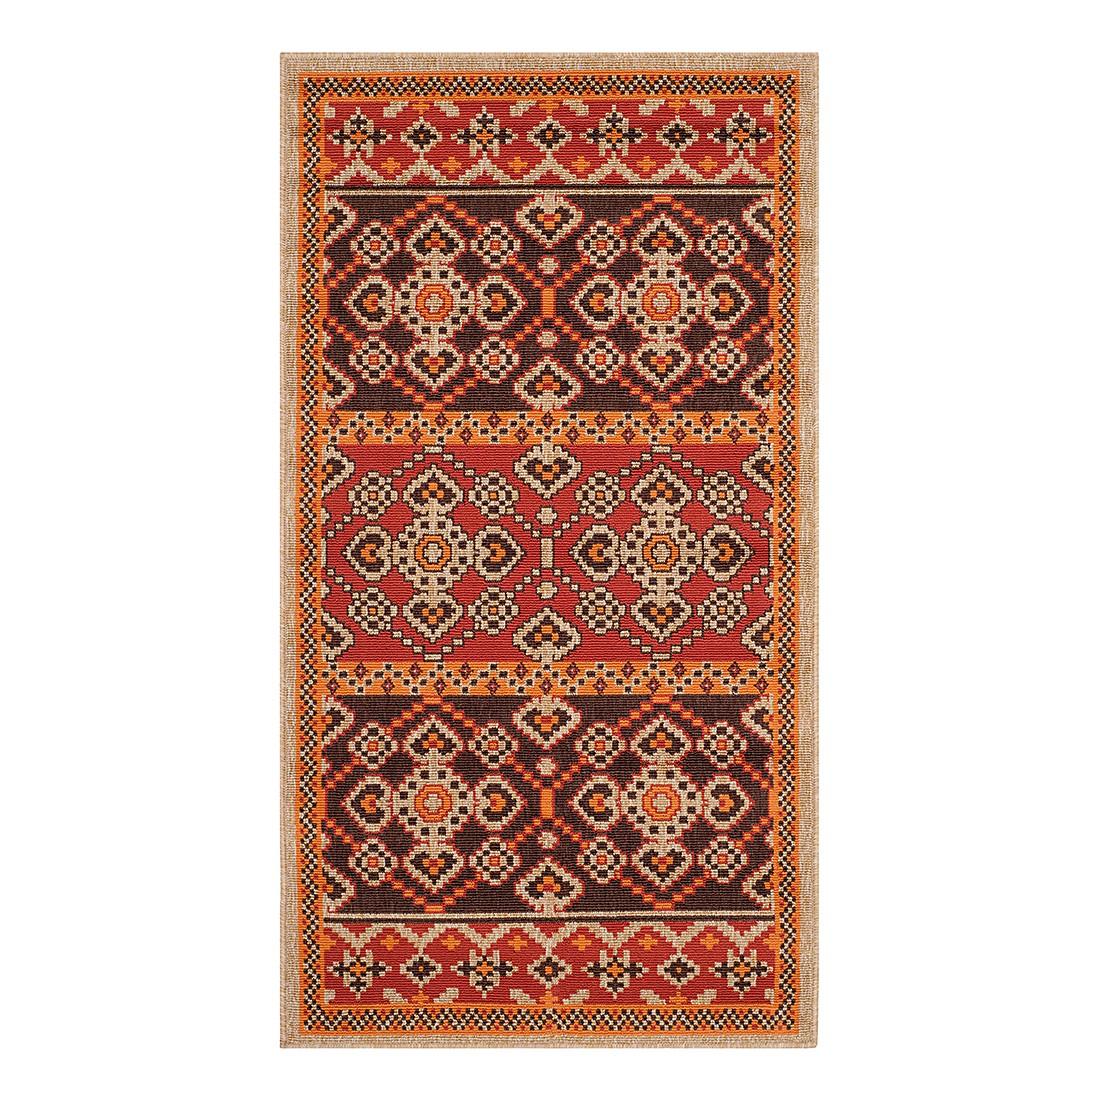 In-/Outdoorteppich Akot – Rot/Schoko – Maße: 78 x 152 cm, Safavieh günstig kaufen